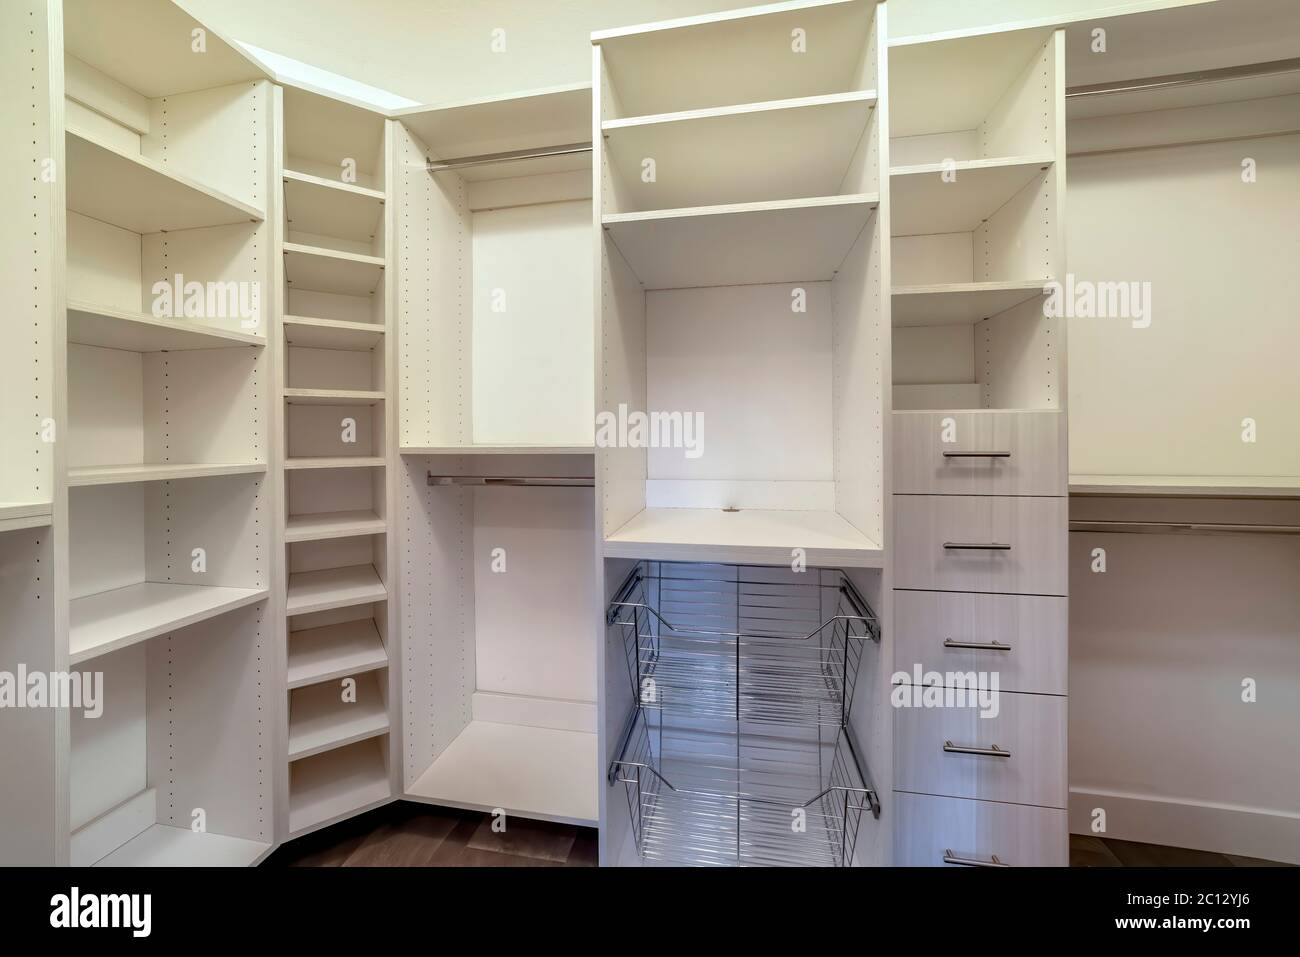 Ripiani Dell'armadio Immagini e Fotos Stock Alamy